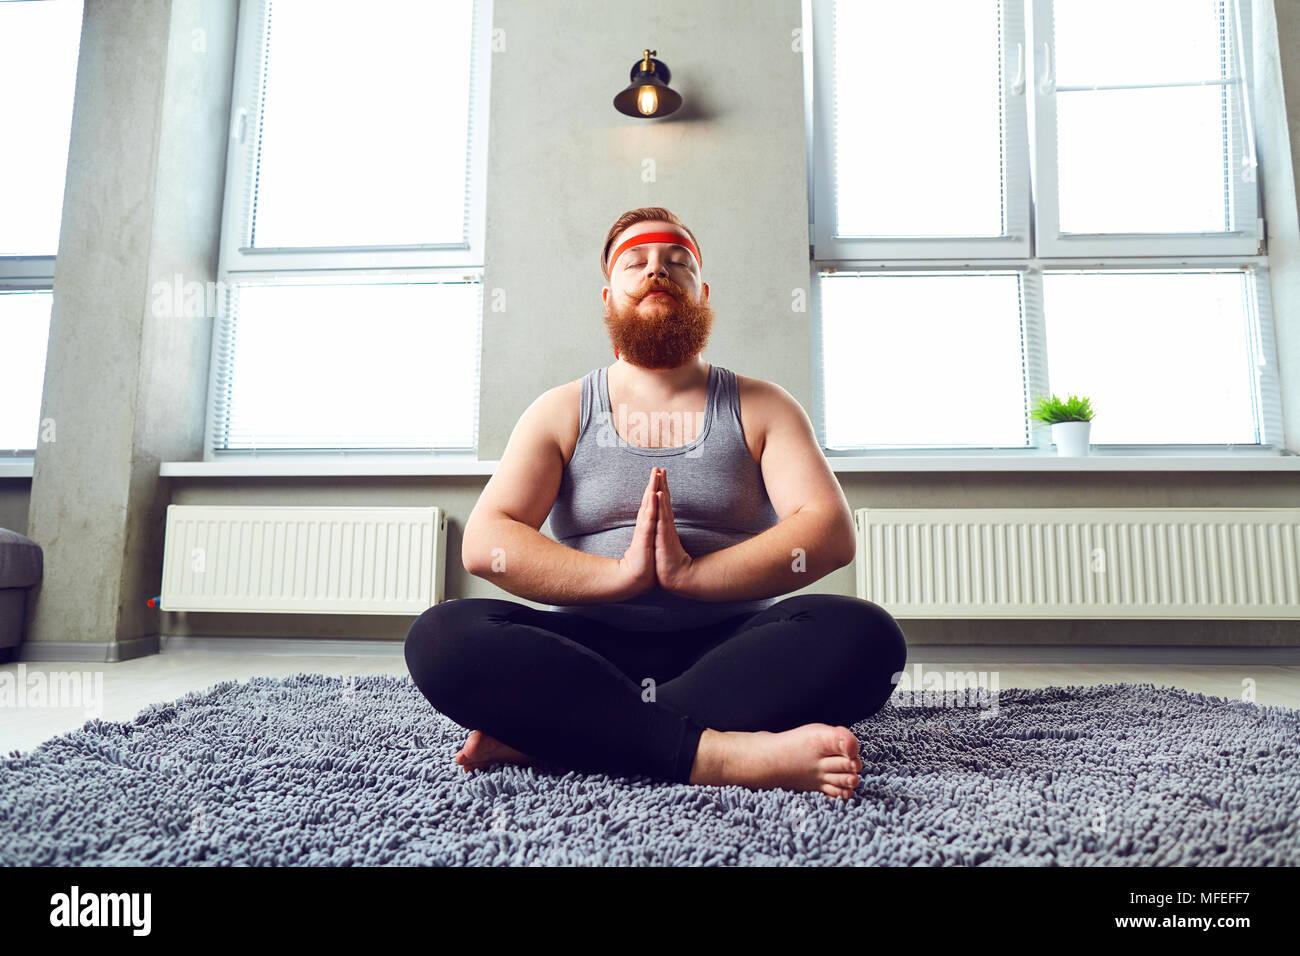 Un drôle de gros barbu en tenues de sport ne le yoga dans la chambre. Photo Stock